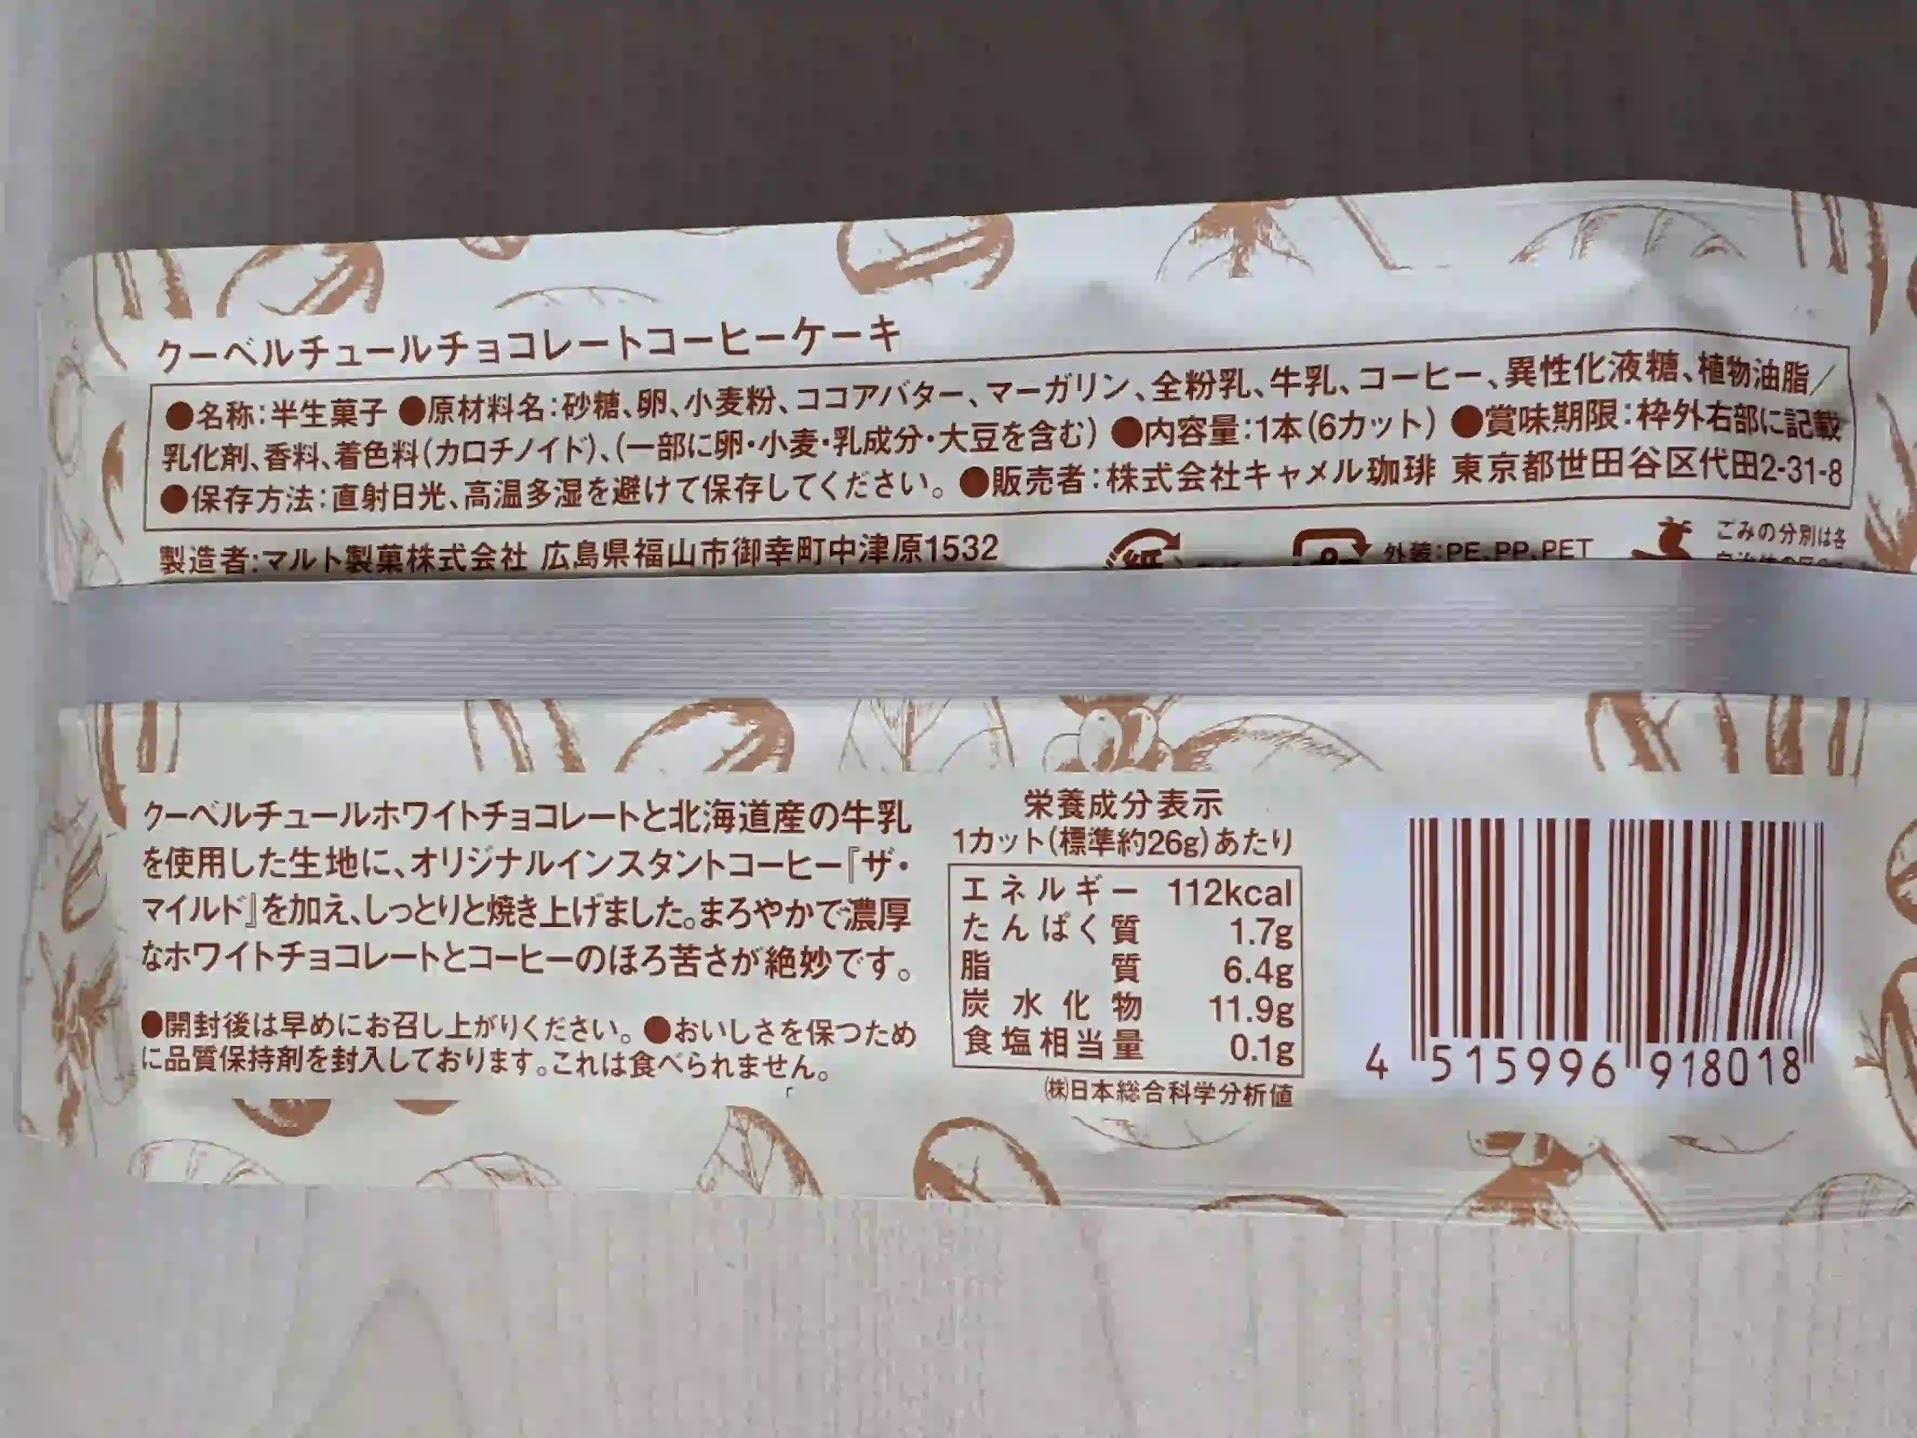 カルディ クーベルチュールチョコレート コーヒーケーキ 栄養成分表示